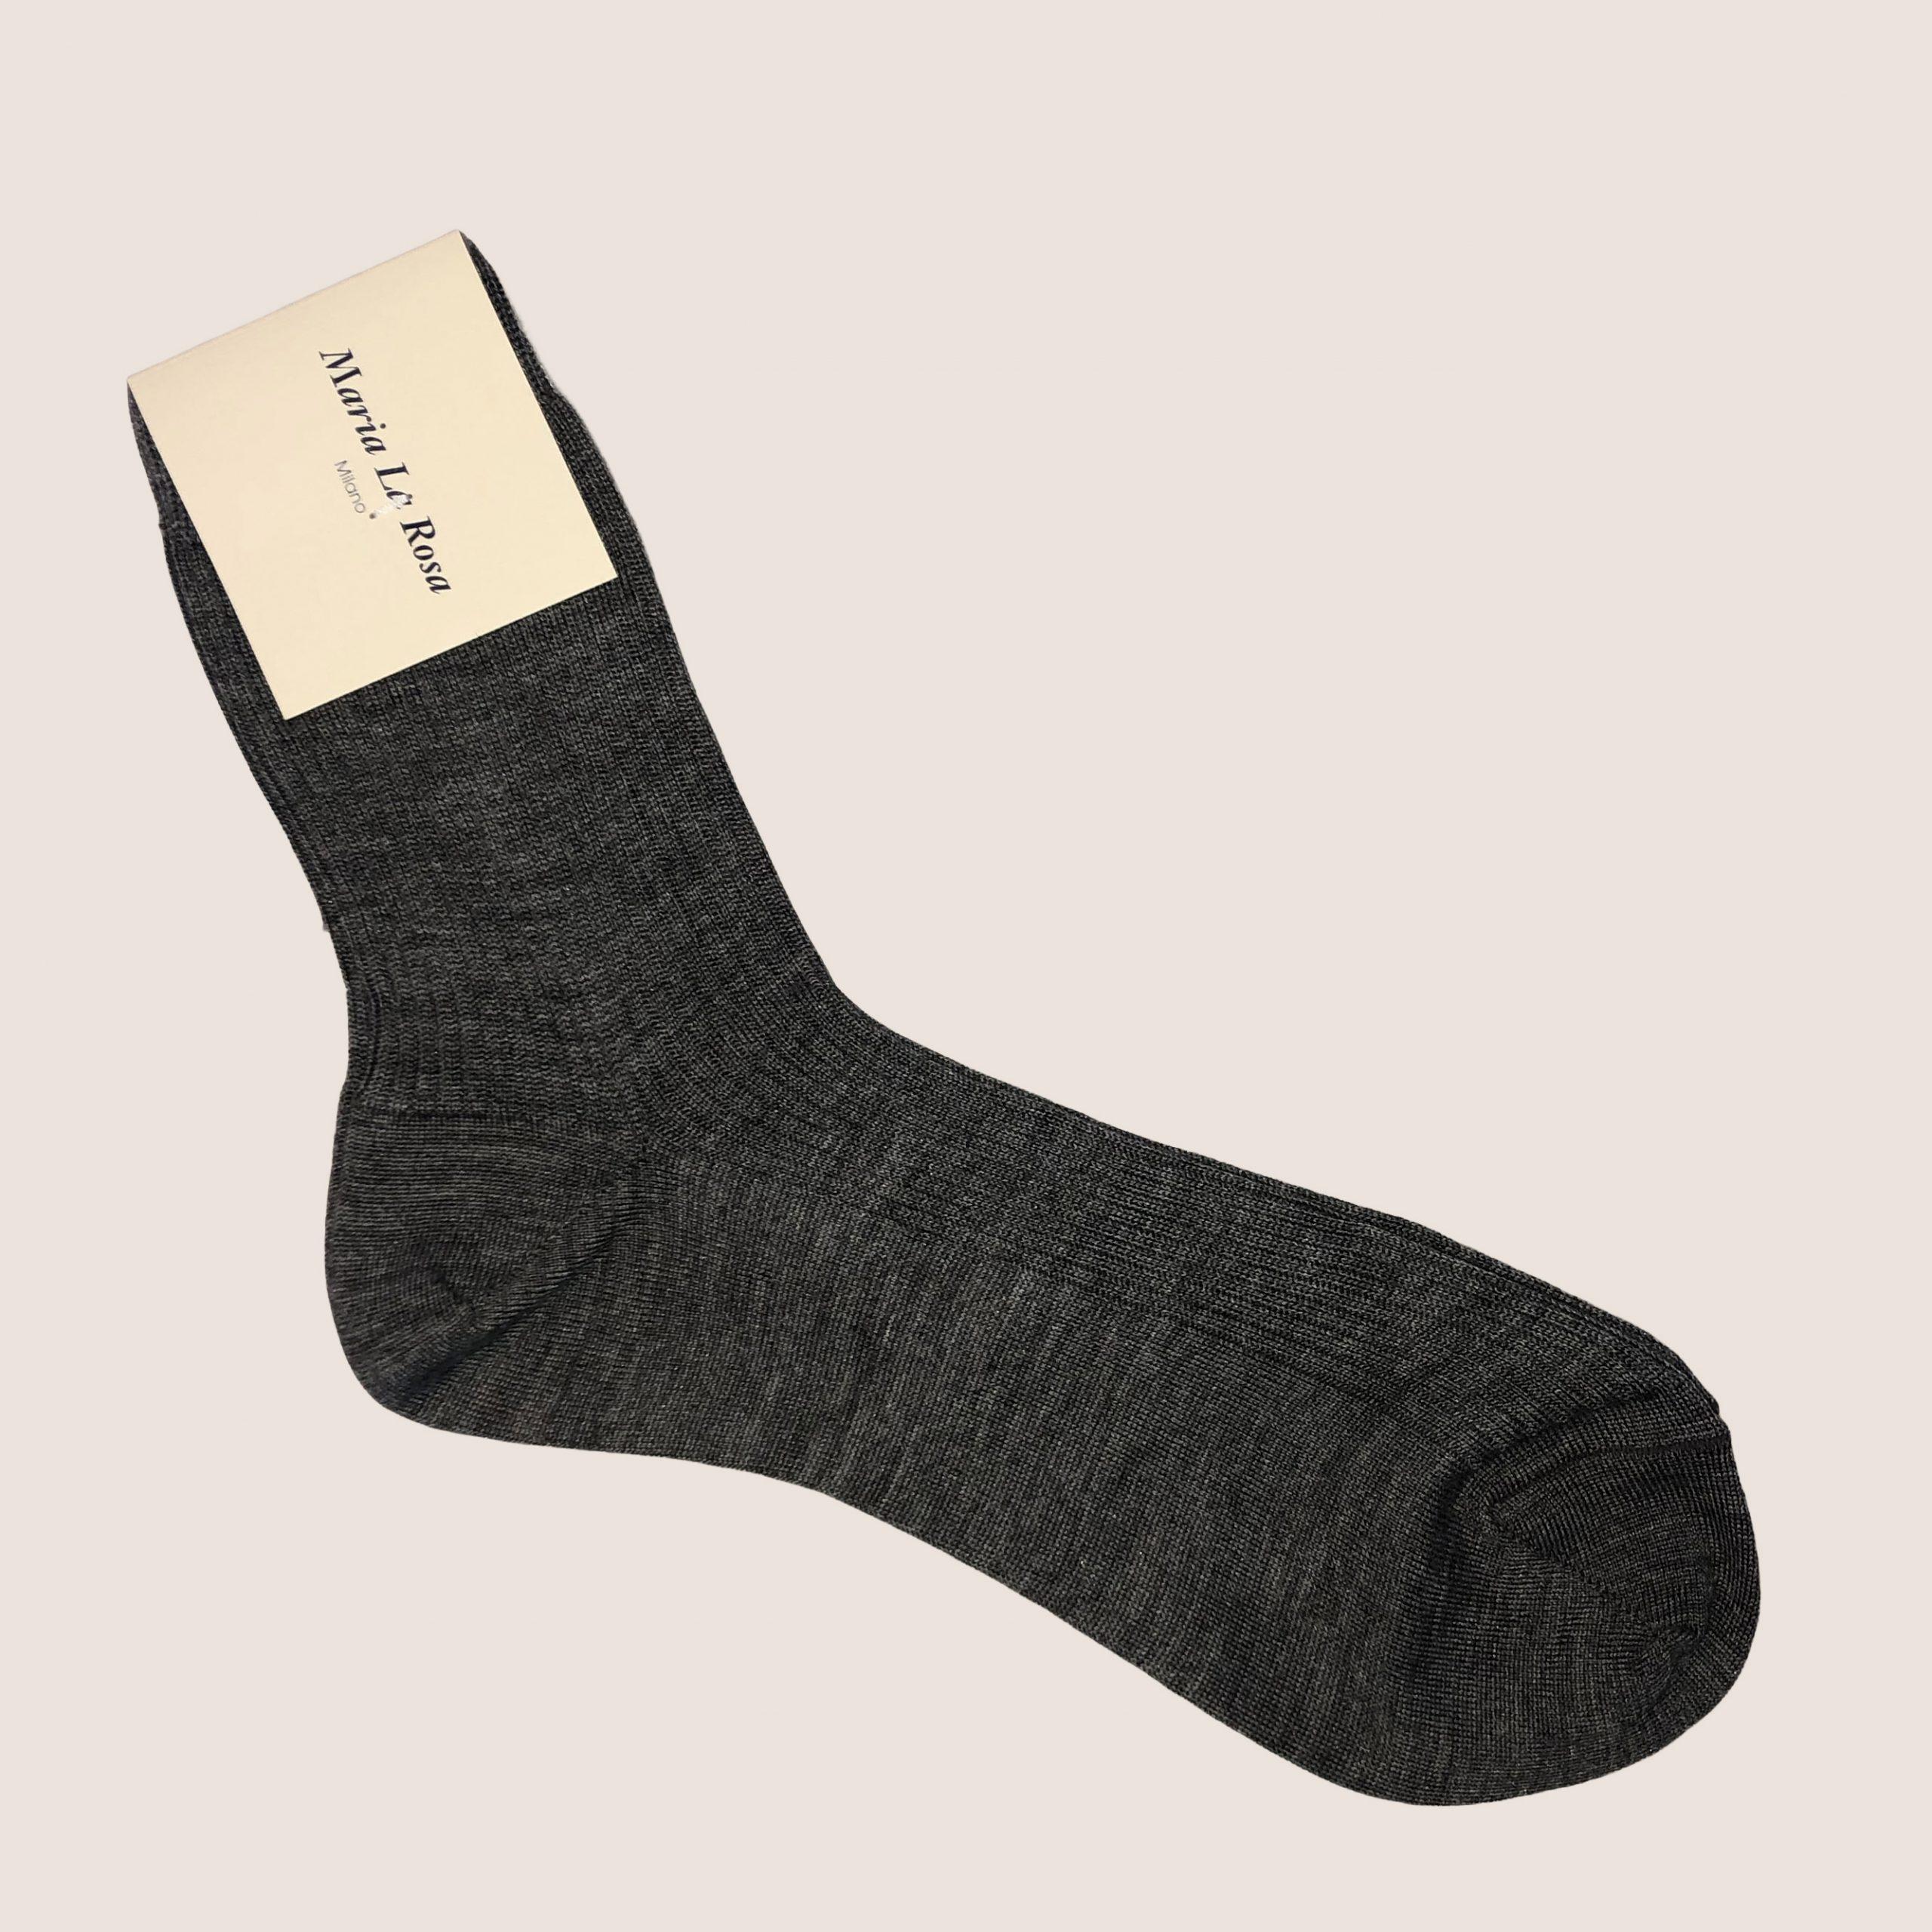 English Socks